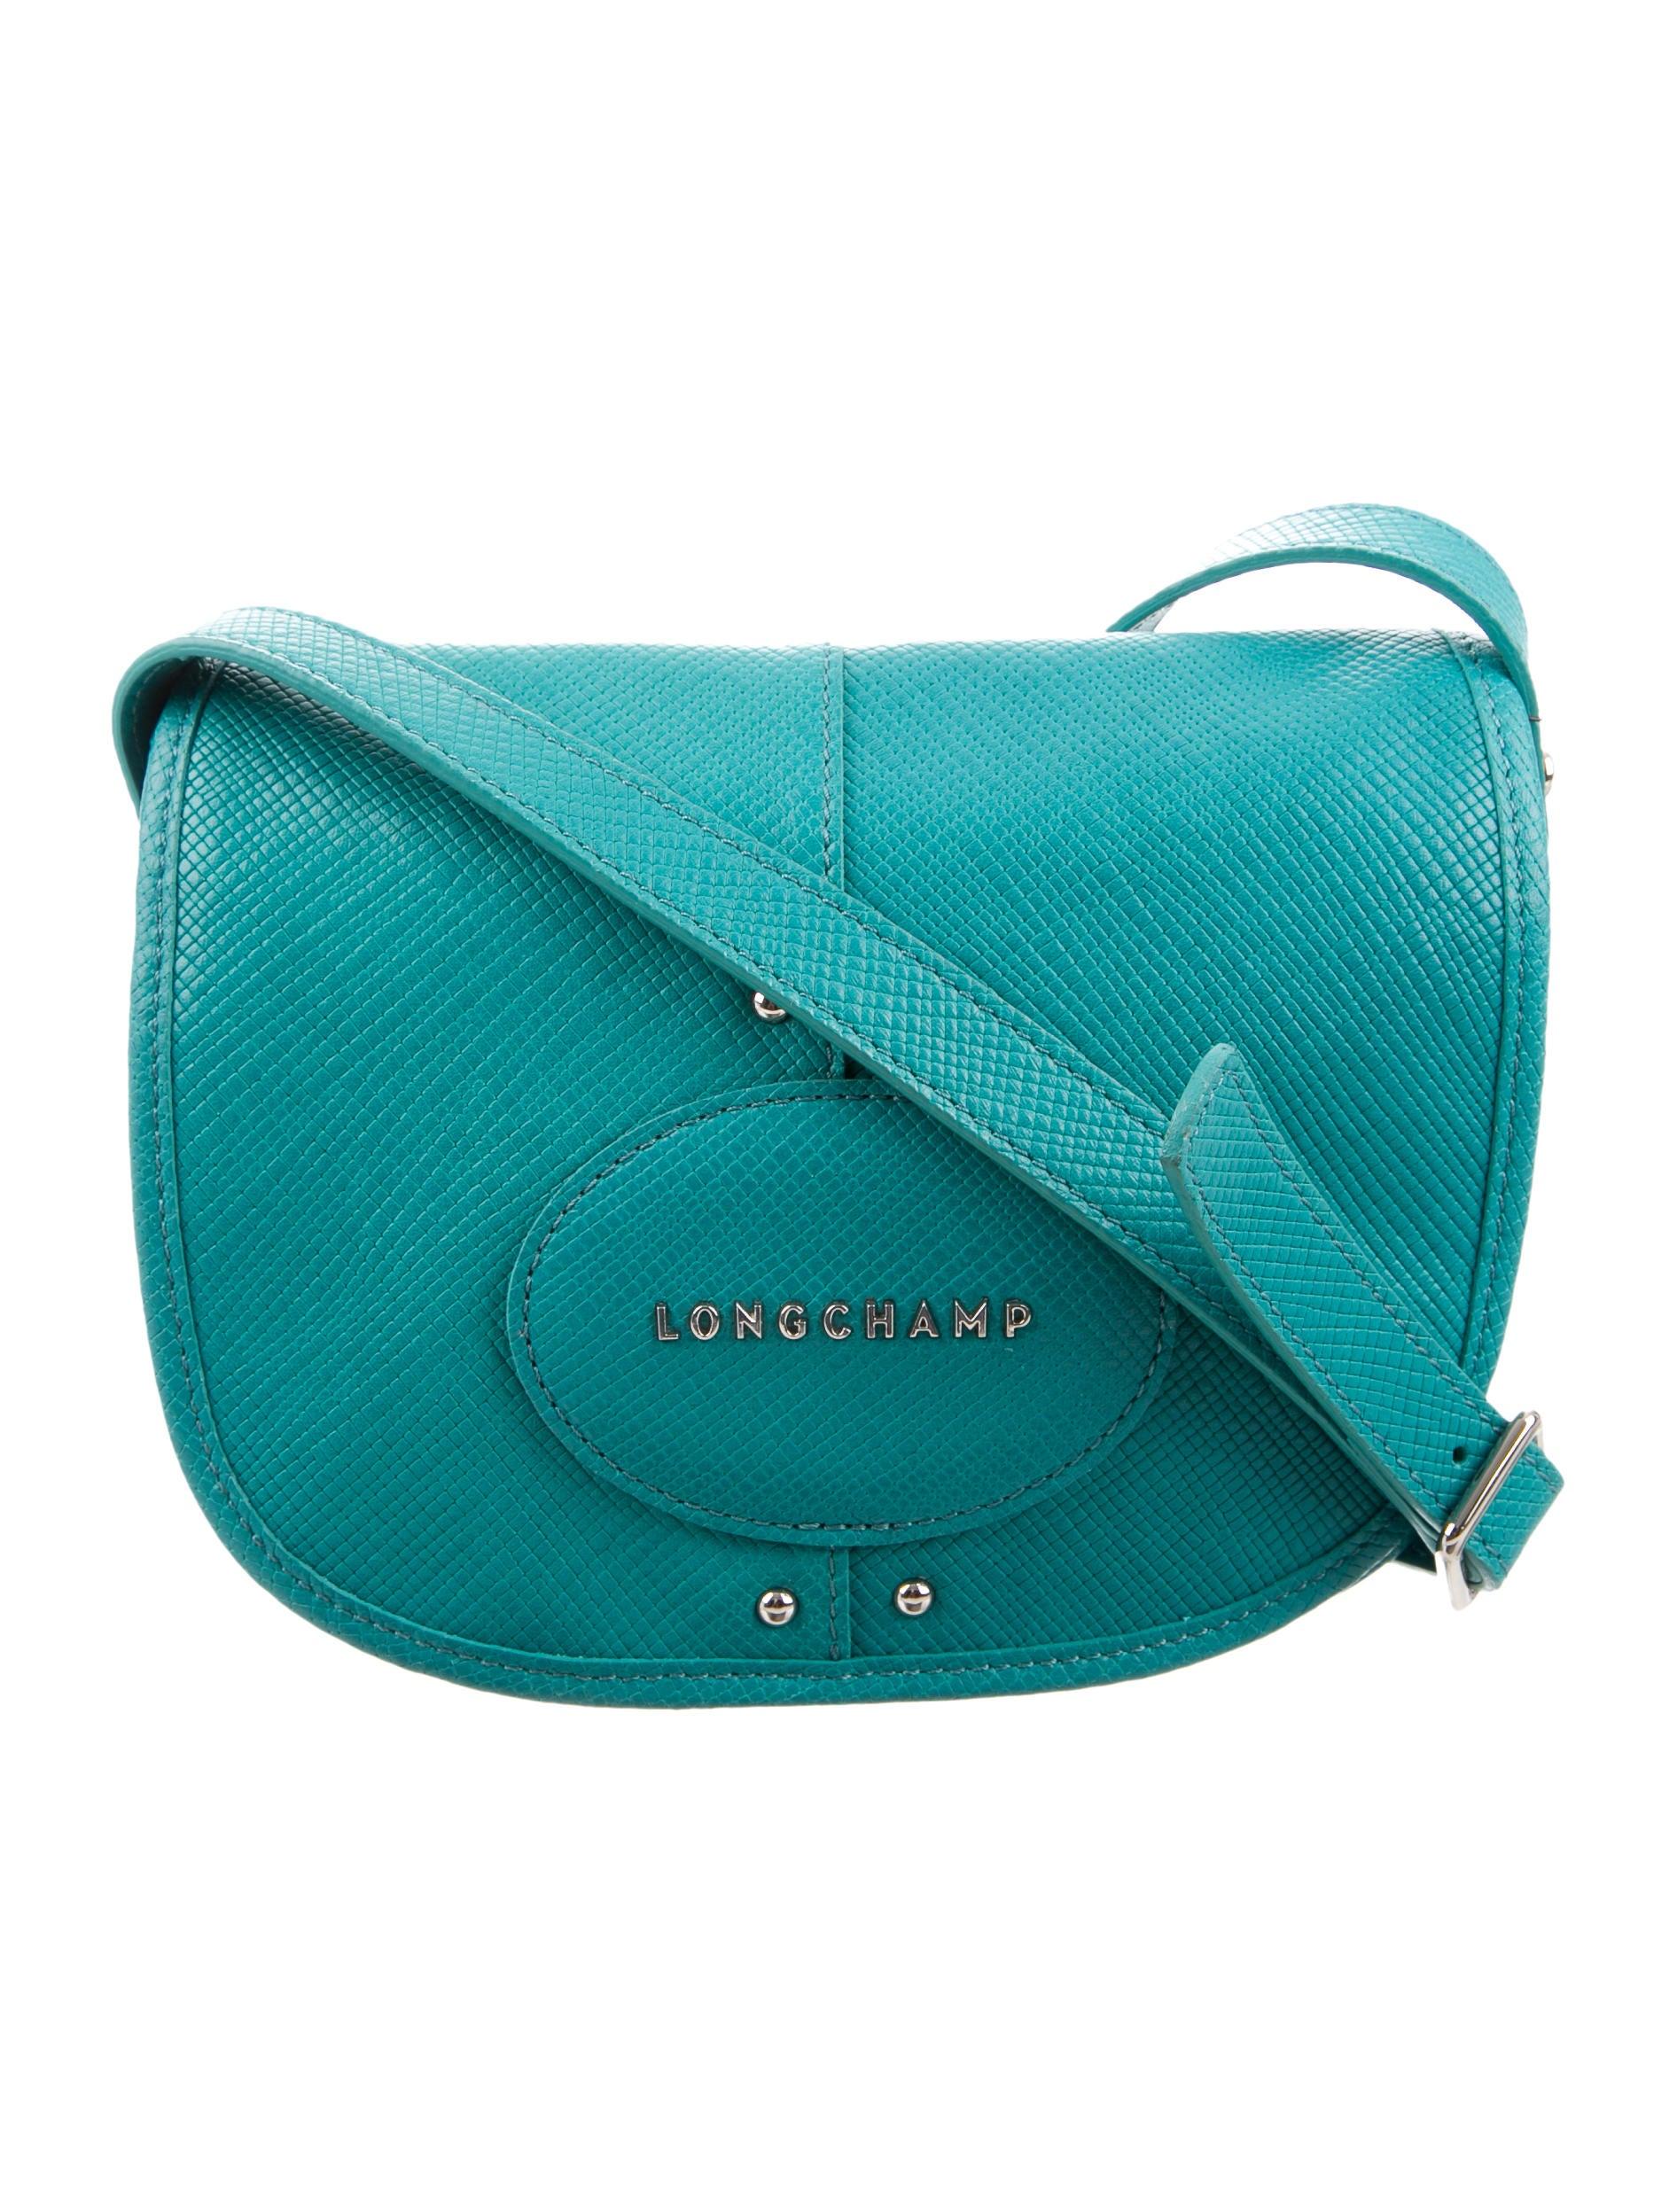 Longchamp Quadri Crossbody Bag W Tags Handbags Wl820395 The Quadry